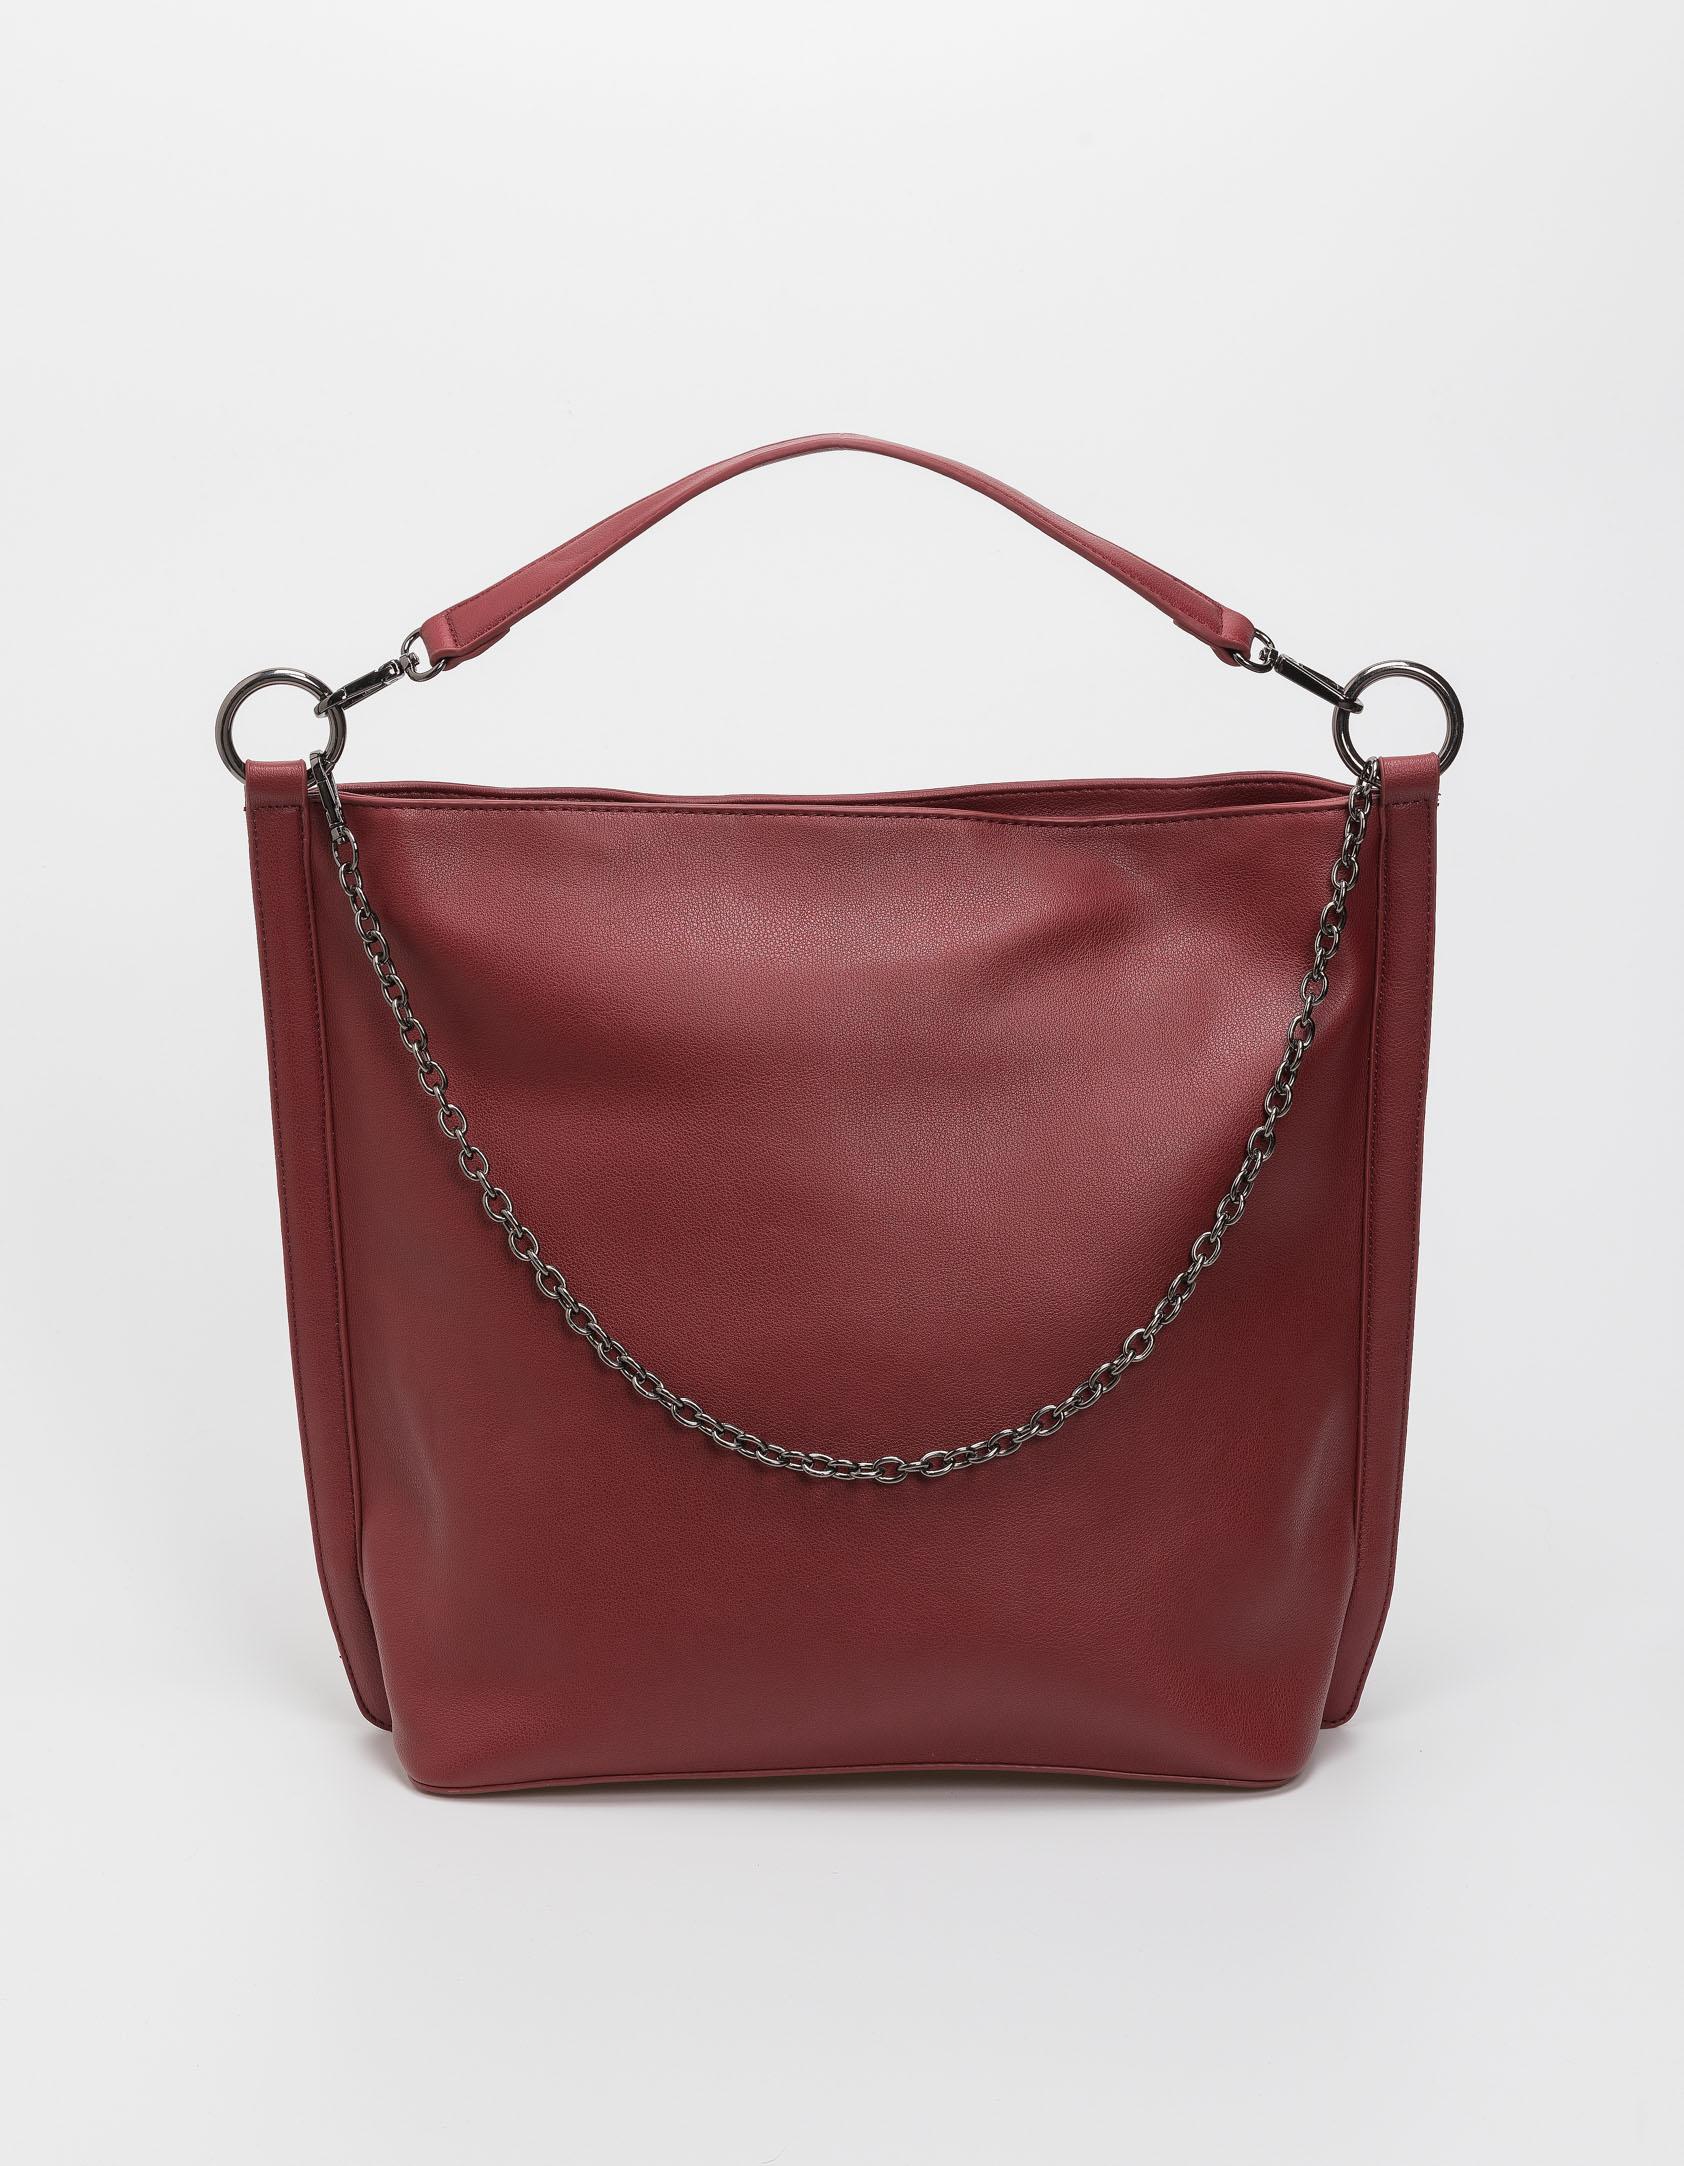 Τσάντα χειρός και ώμου με αλυσίδα - Κόκκινο